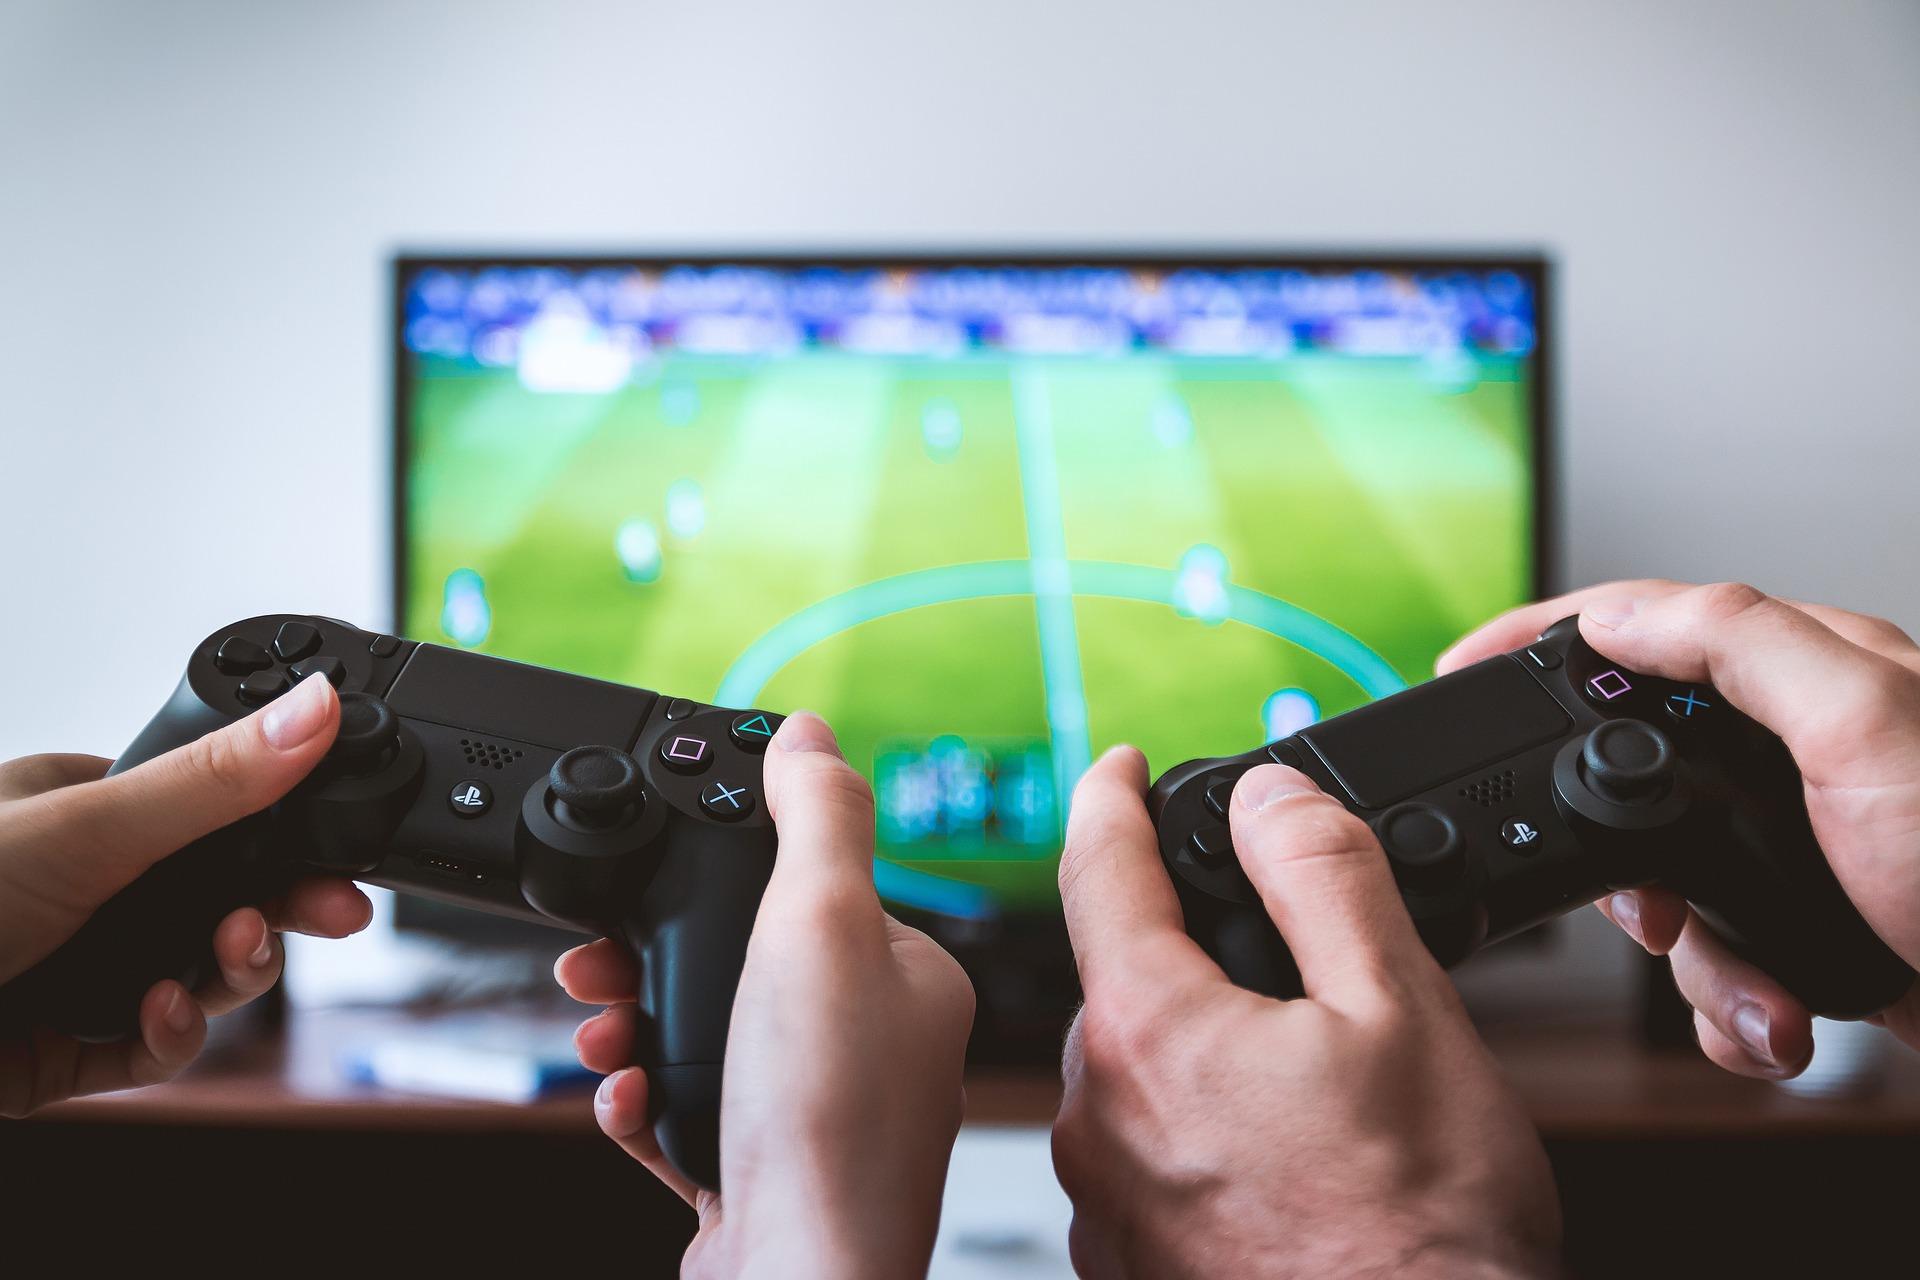 Imagem mostra duas pessoas jogando videogame com gamepads.